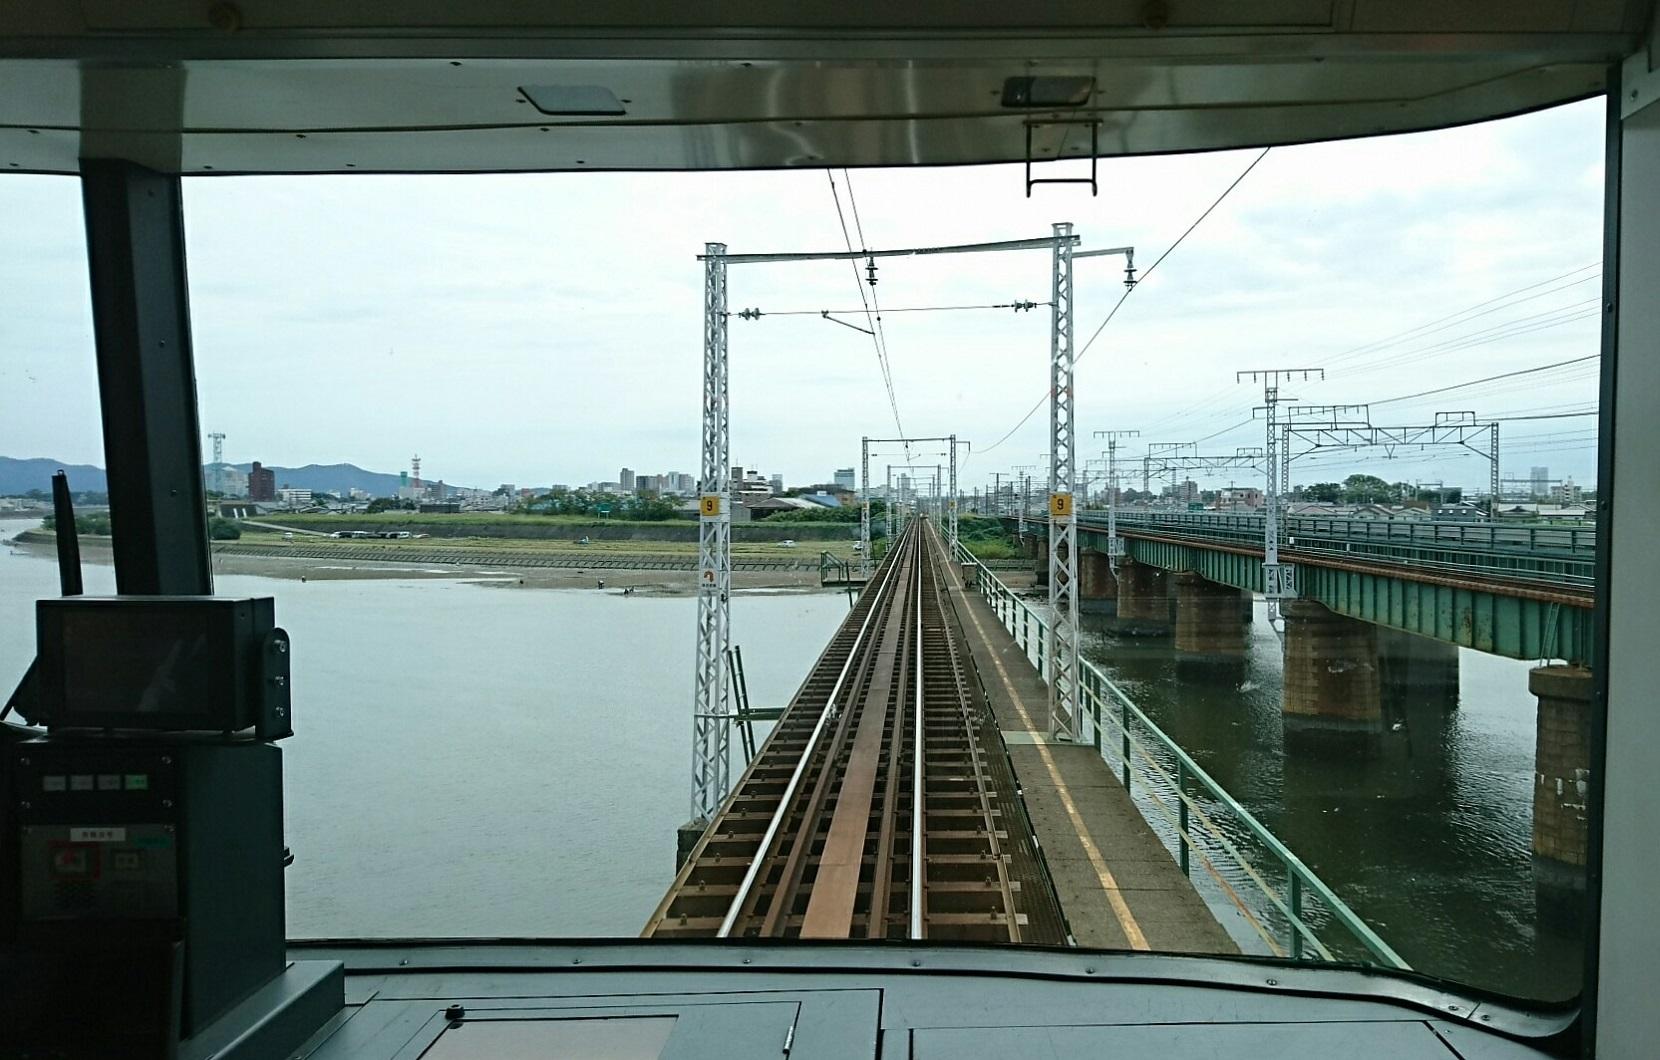 2017.10.5 豊橋 (6) 豊橋いき急行 - 豊川 1660-1060